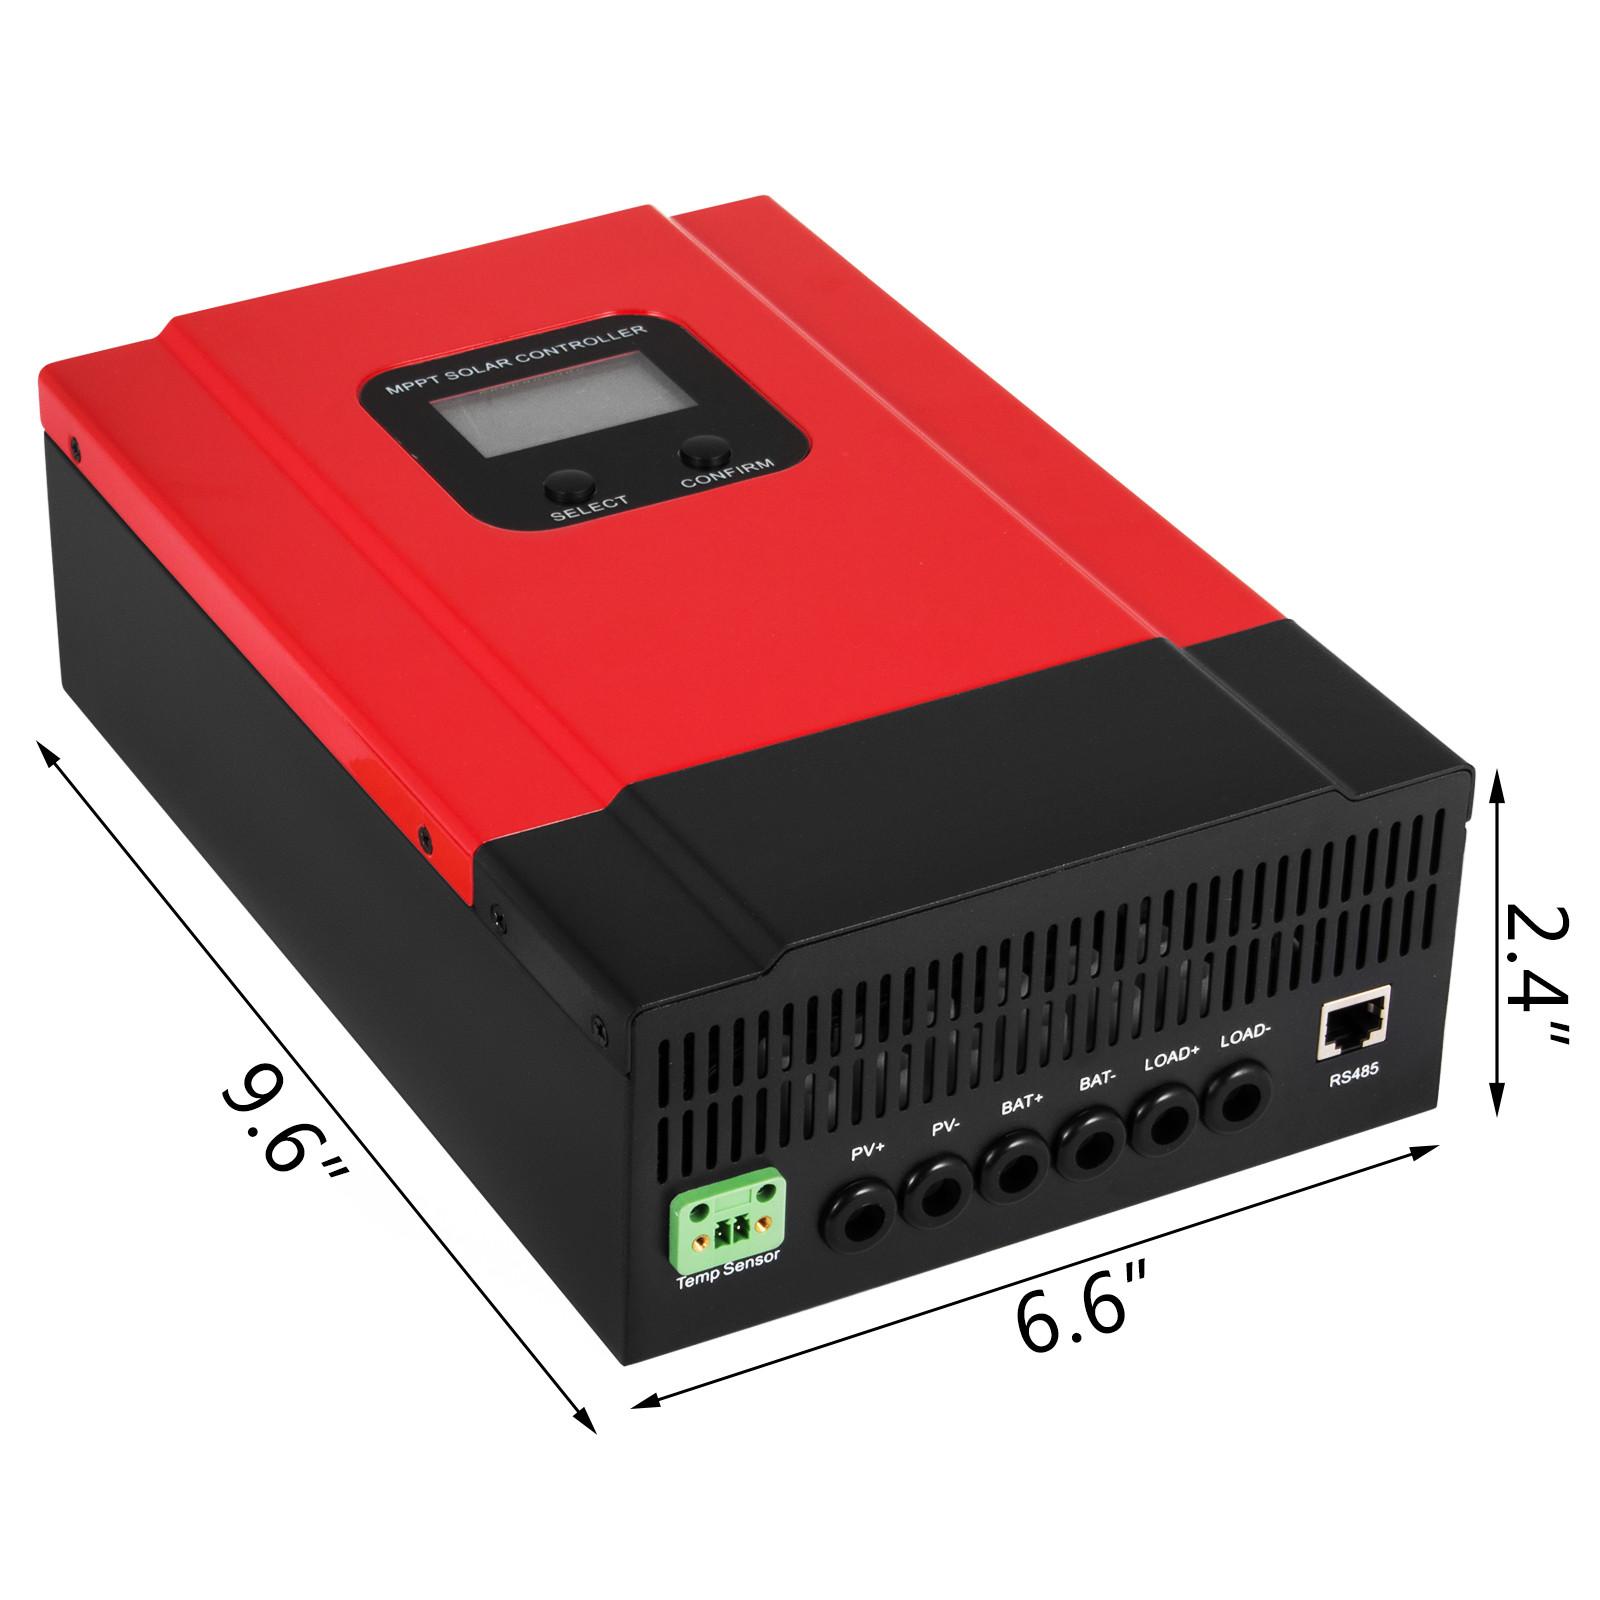 ESMART-3-LCD-40a-50a-60a-12v-24v-36v-48v-MPPT-Solar-Charge-Controller-Regolatore-di-carica miniatura 38